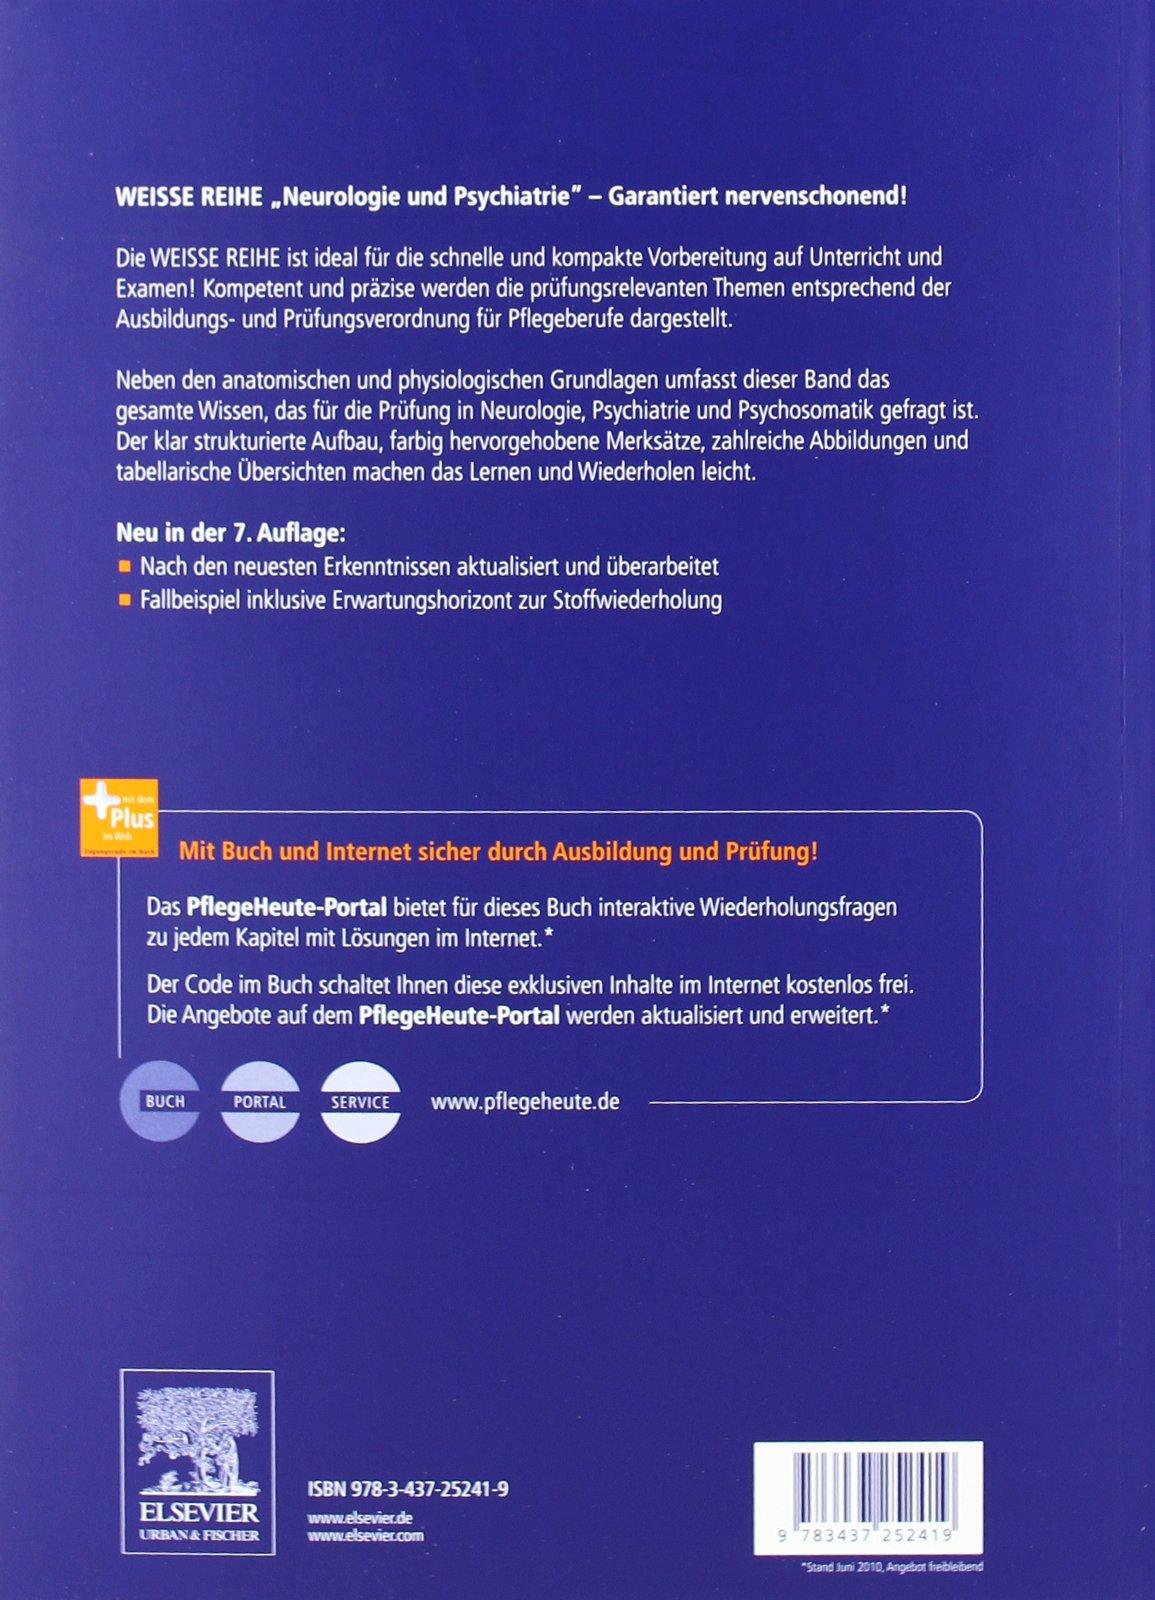 Neurologie und Psychiatrie: WEISSE REIHE - mit www.pflegeheute.de ...